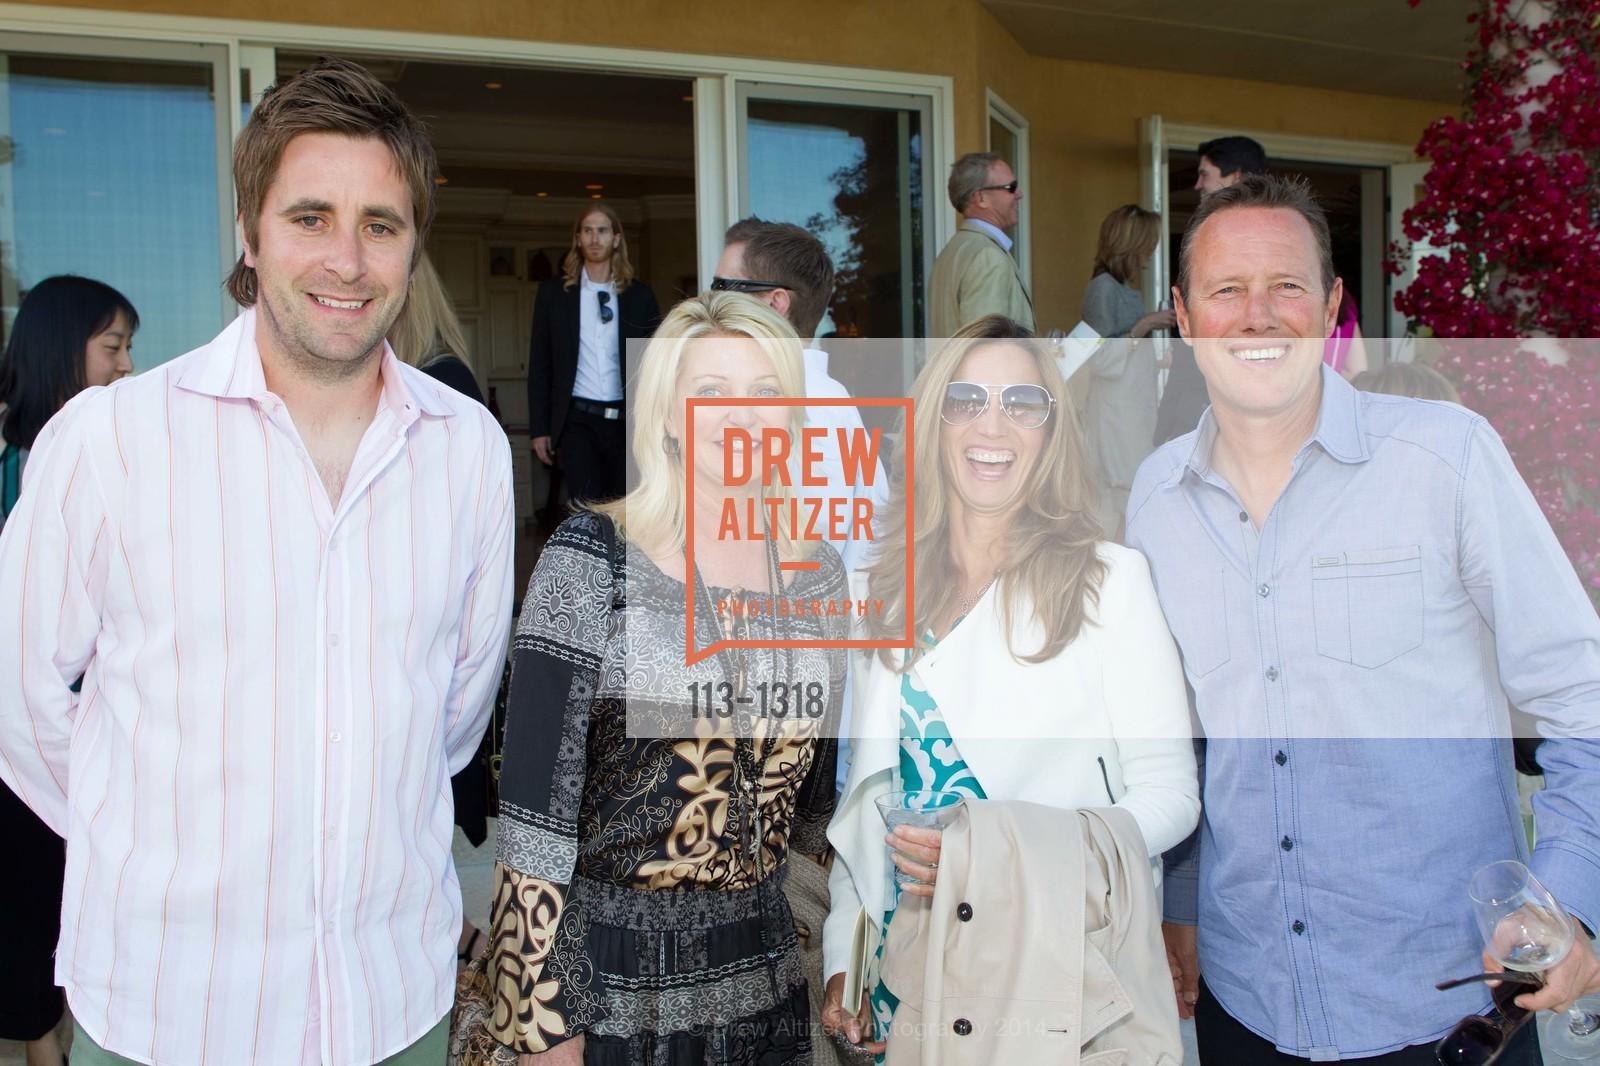 Shane Carew, Linda Ramsbottom, Kitty Stone Burner, Jeremy Gunn, Photo #113-1318